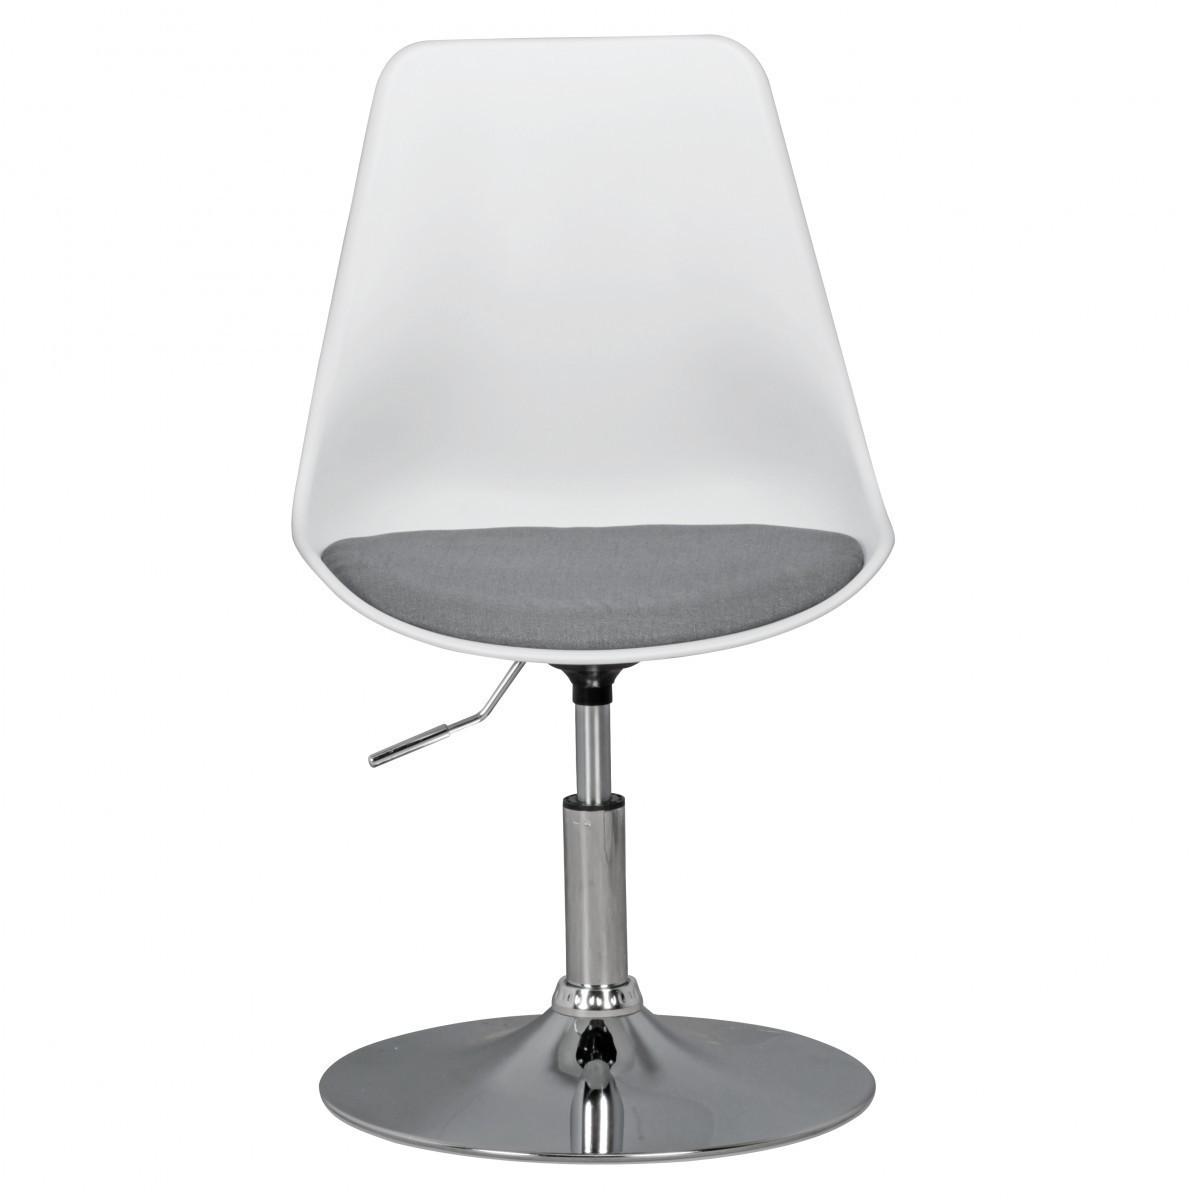 Bild 3 von AMSTYLE KORSIKA | Drehsessel Esszimmerstuhl Weiß/Grau | Drehstuhl höhenverstellbar | Drehhocker Wart